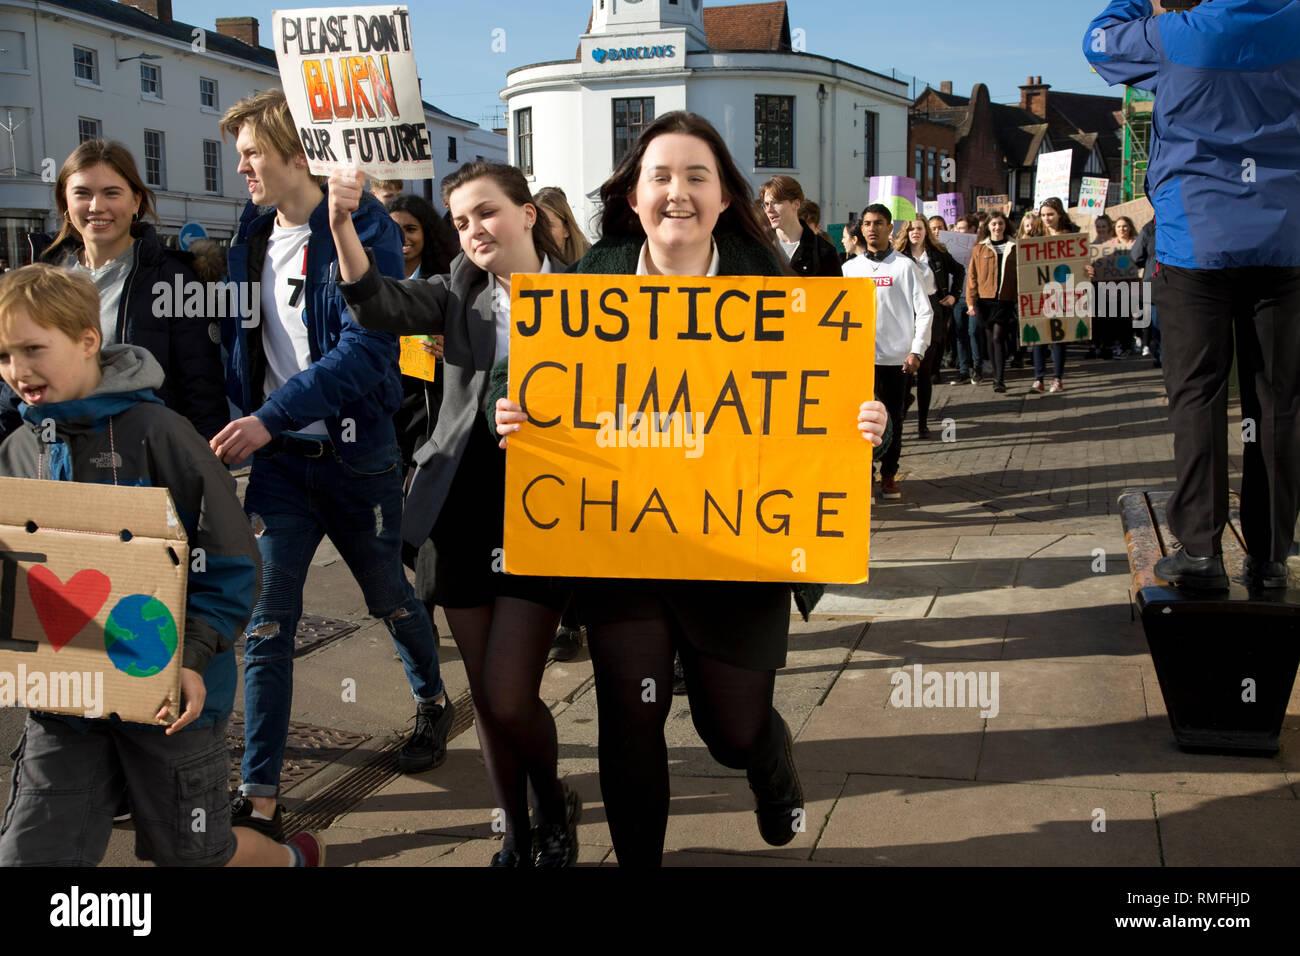 """A Stratford upon Avon, Regno Unito. 15 feb 2019. Gli studenti in sciopero che trasportano gli striscioni impegnativa azione di governo sul cambiamento climatico nel centro di Febbraio 15 2018 Stratford-upon Avon Regno Unito. Nella loro nazionale lettera aperta che dicono al governo """"abbiamo avuto abbastanza; non ci sono più scuse; non più inazione; vogliamo un futuro e ci permetterà di lottare per esso."""" Grazie Credito: Mark Boulton/Alamy Live News Foto Stock"""